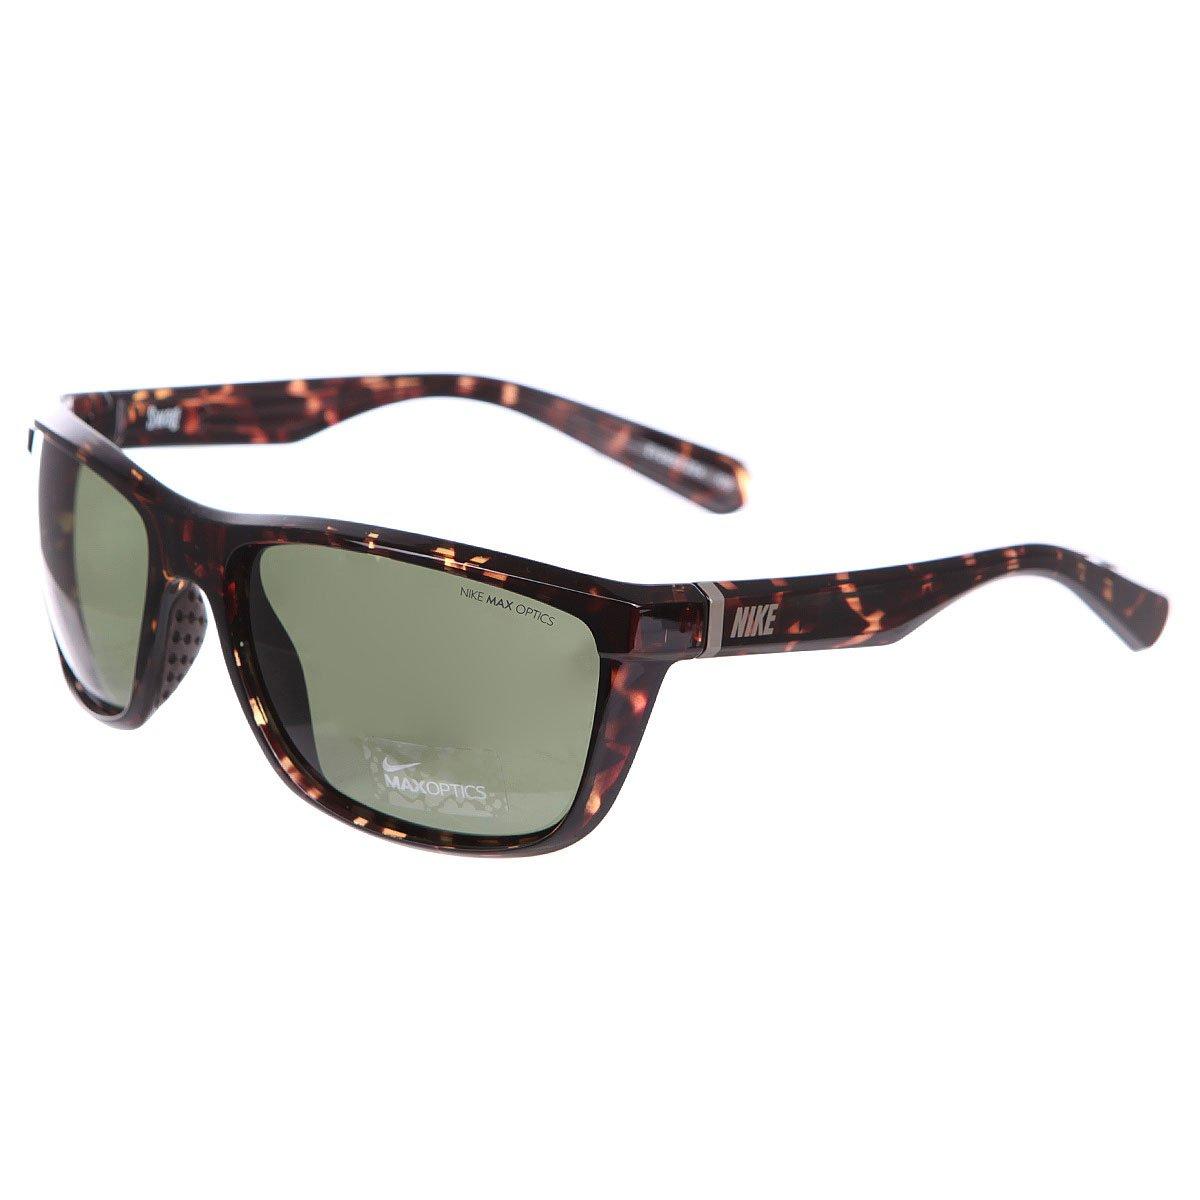 Купить очки Nike Optics Swag Green Lens Tortoise в интернет-магазине ... c617dd22237